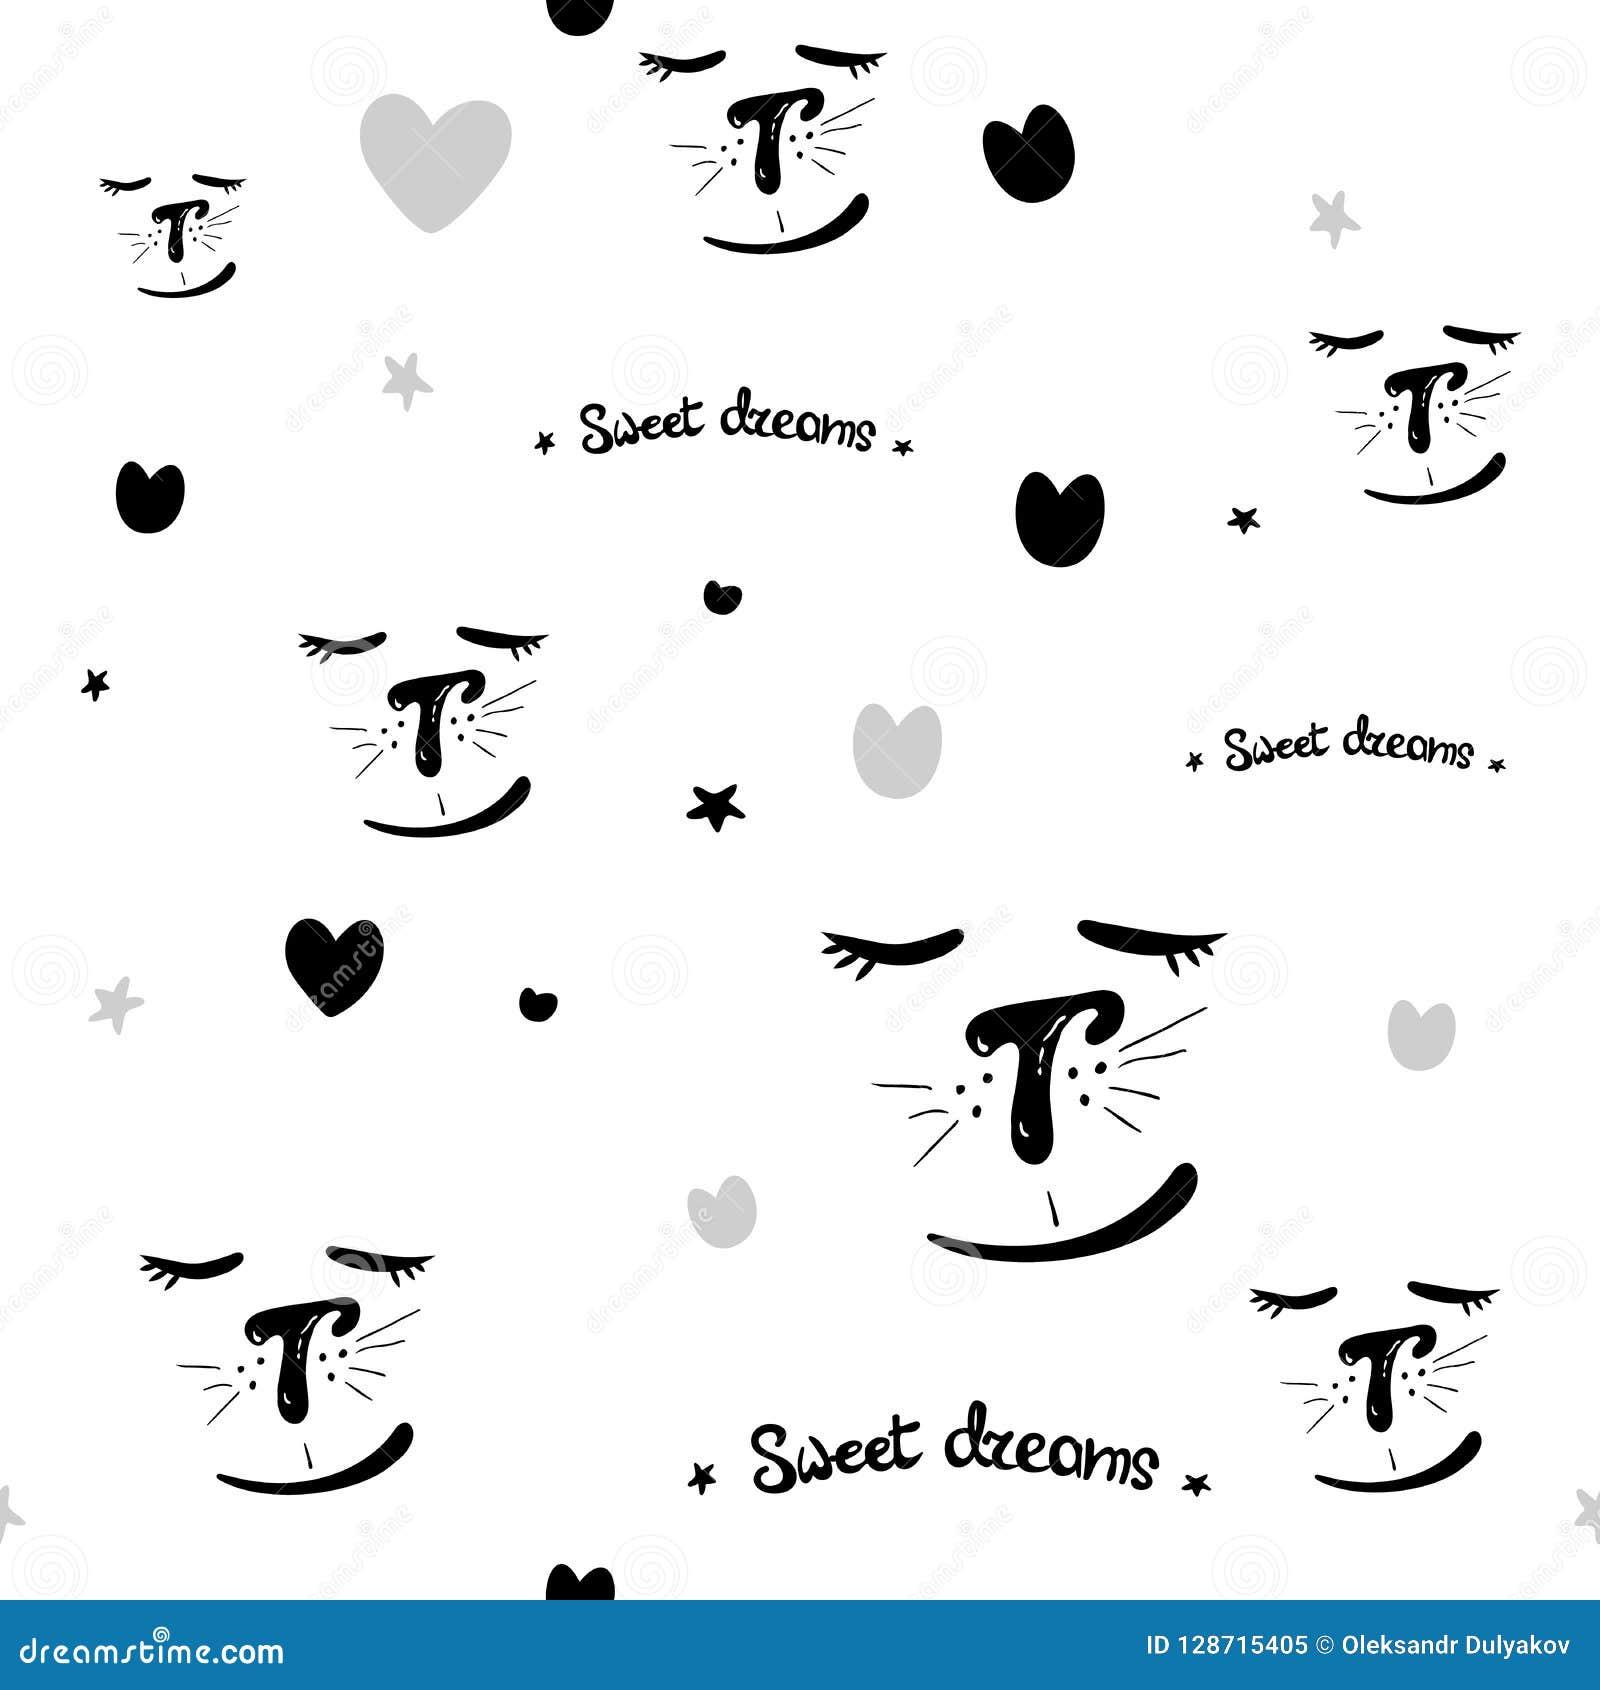 Abstracte Hand Getrokken Krabbel Zwarte witte Naadloze Patronen Als achtergrond met Katten Zoete Dromen vector naadloos patroon v